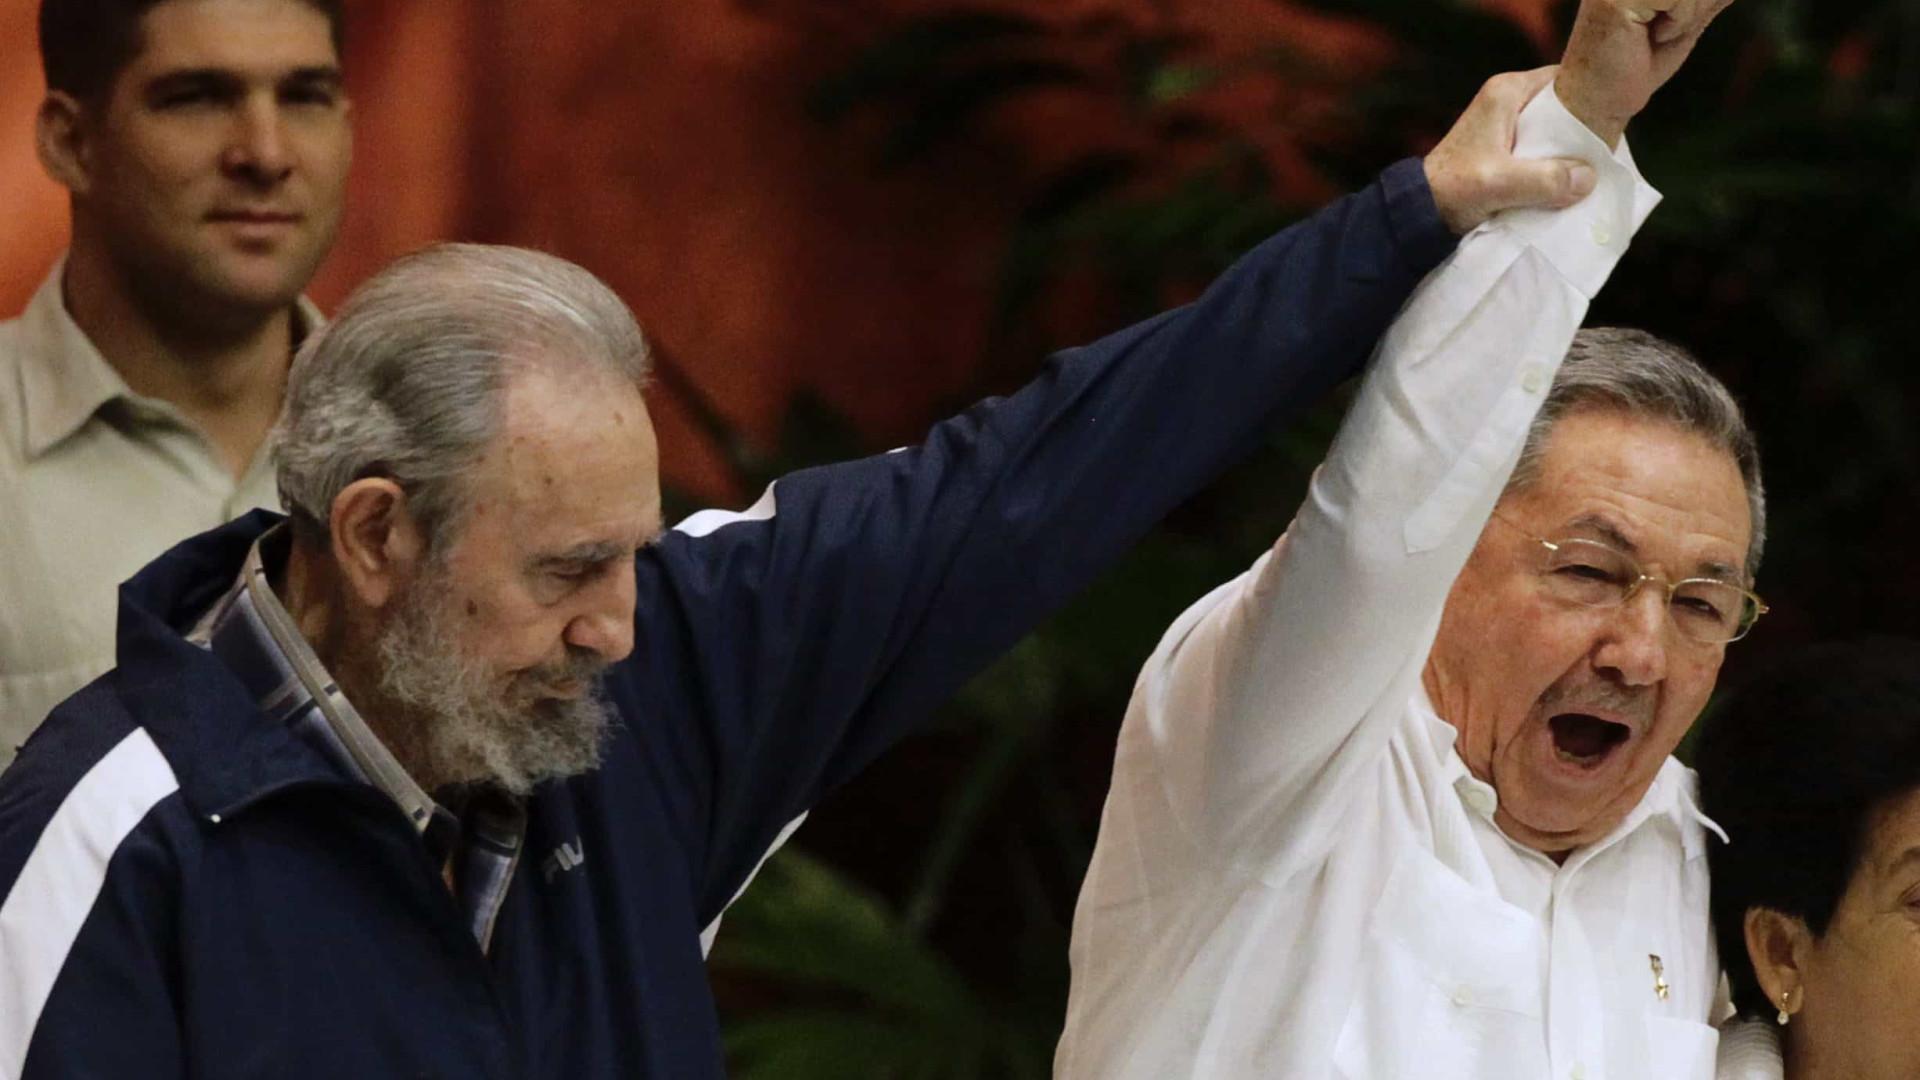 O fim do 'reinado' Castro em Cuba, após quase seis décadas no poder